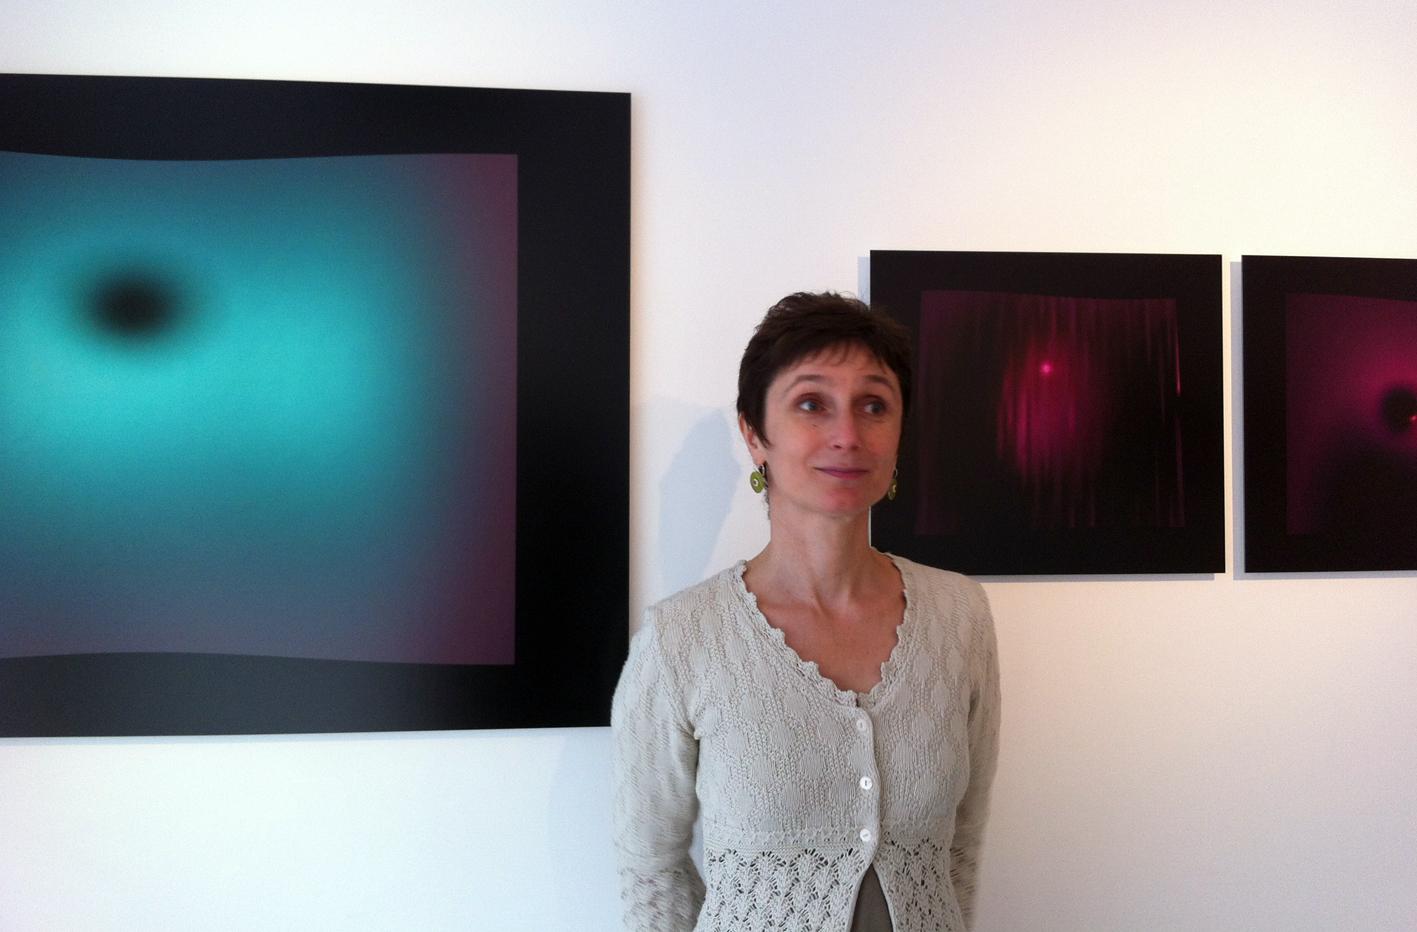 Anne-Sarah Le Meur